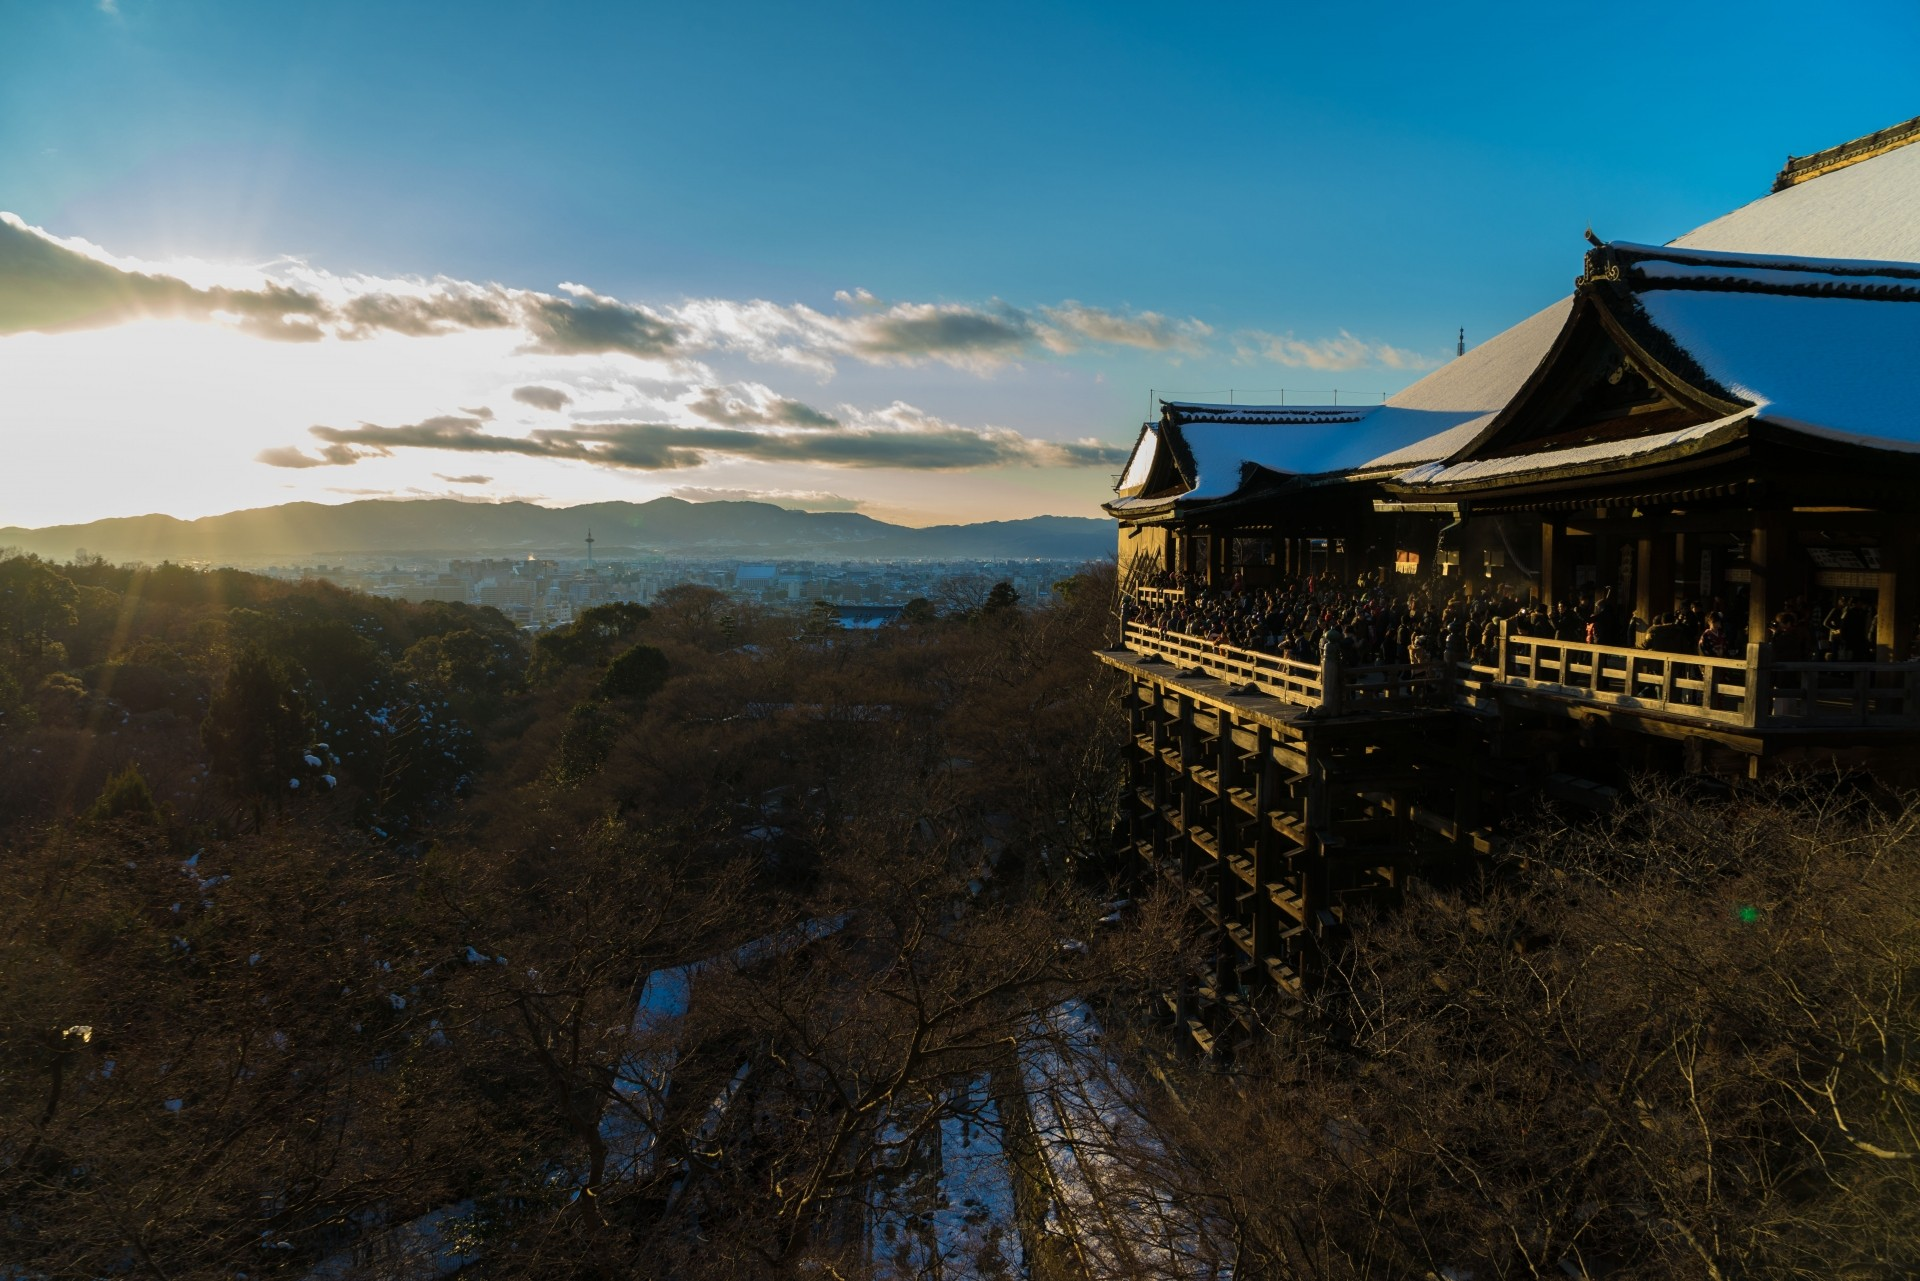 kyoto Kiyomizu-Dera